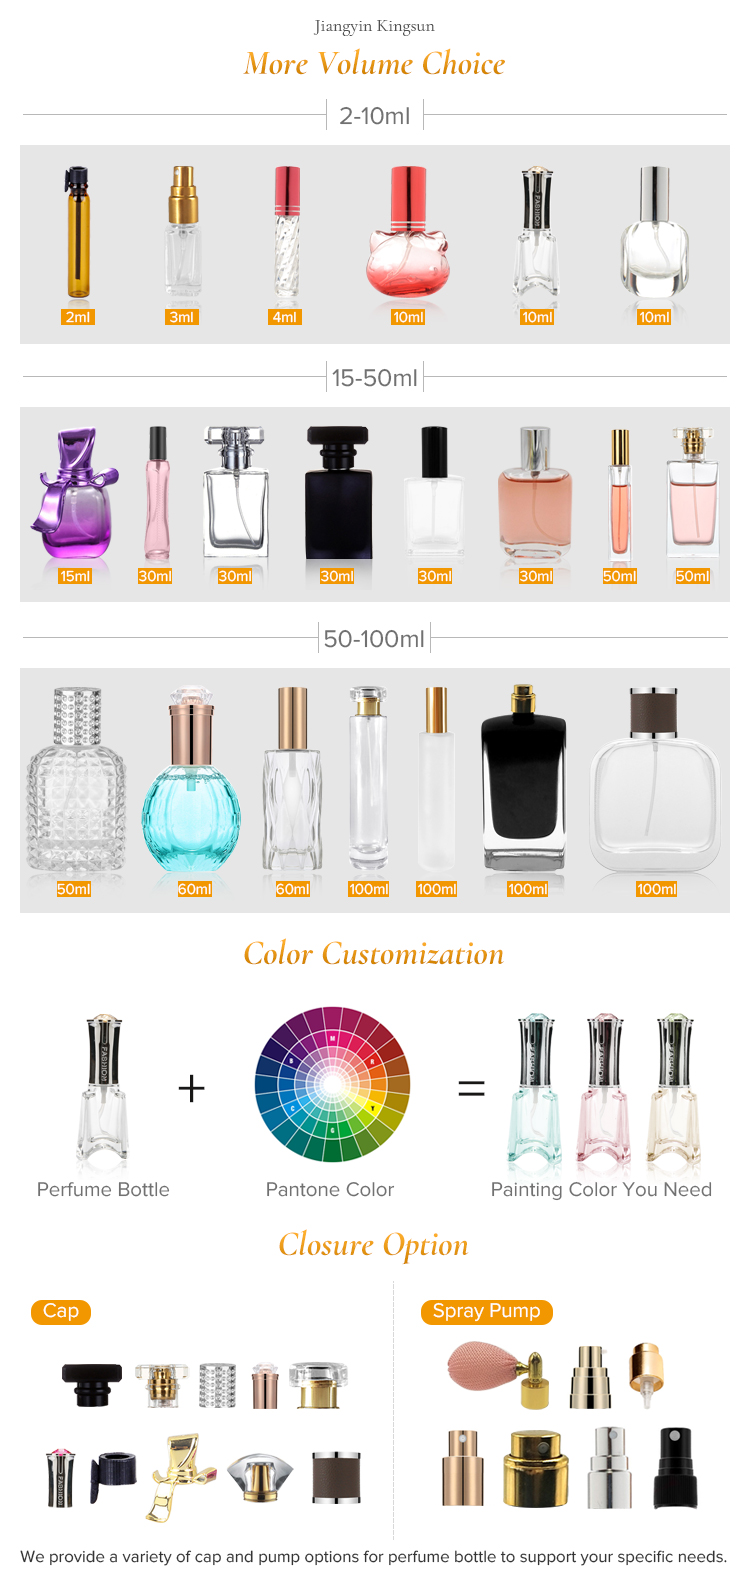 15 ミリリットル 30 ミリリットル 50 ミリリットル 100 ミリリットルファンシー詰め替えデザイン独自の空ガラス女性の香水瓶販売